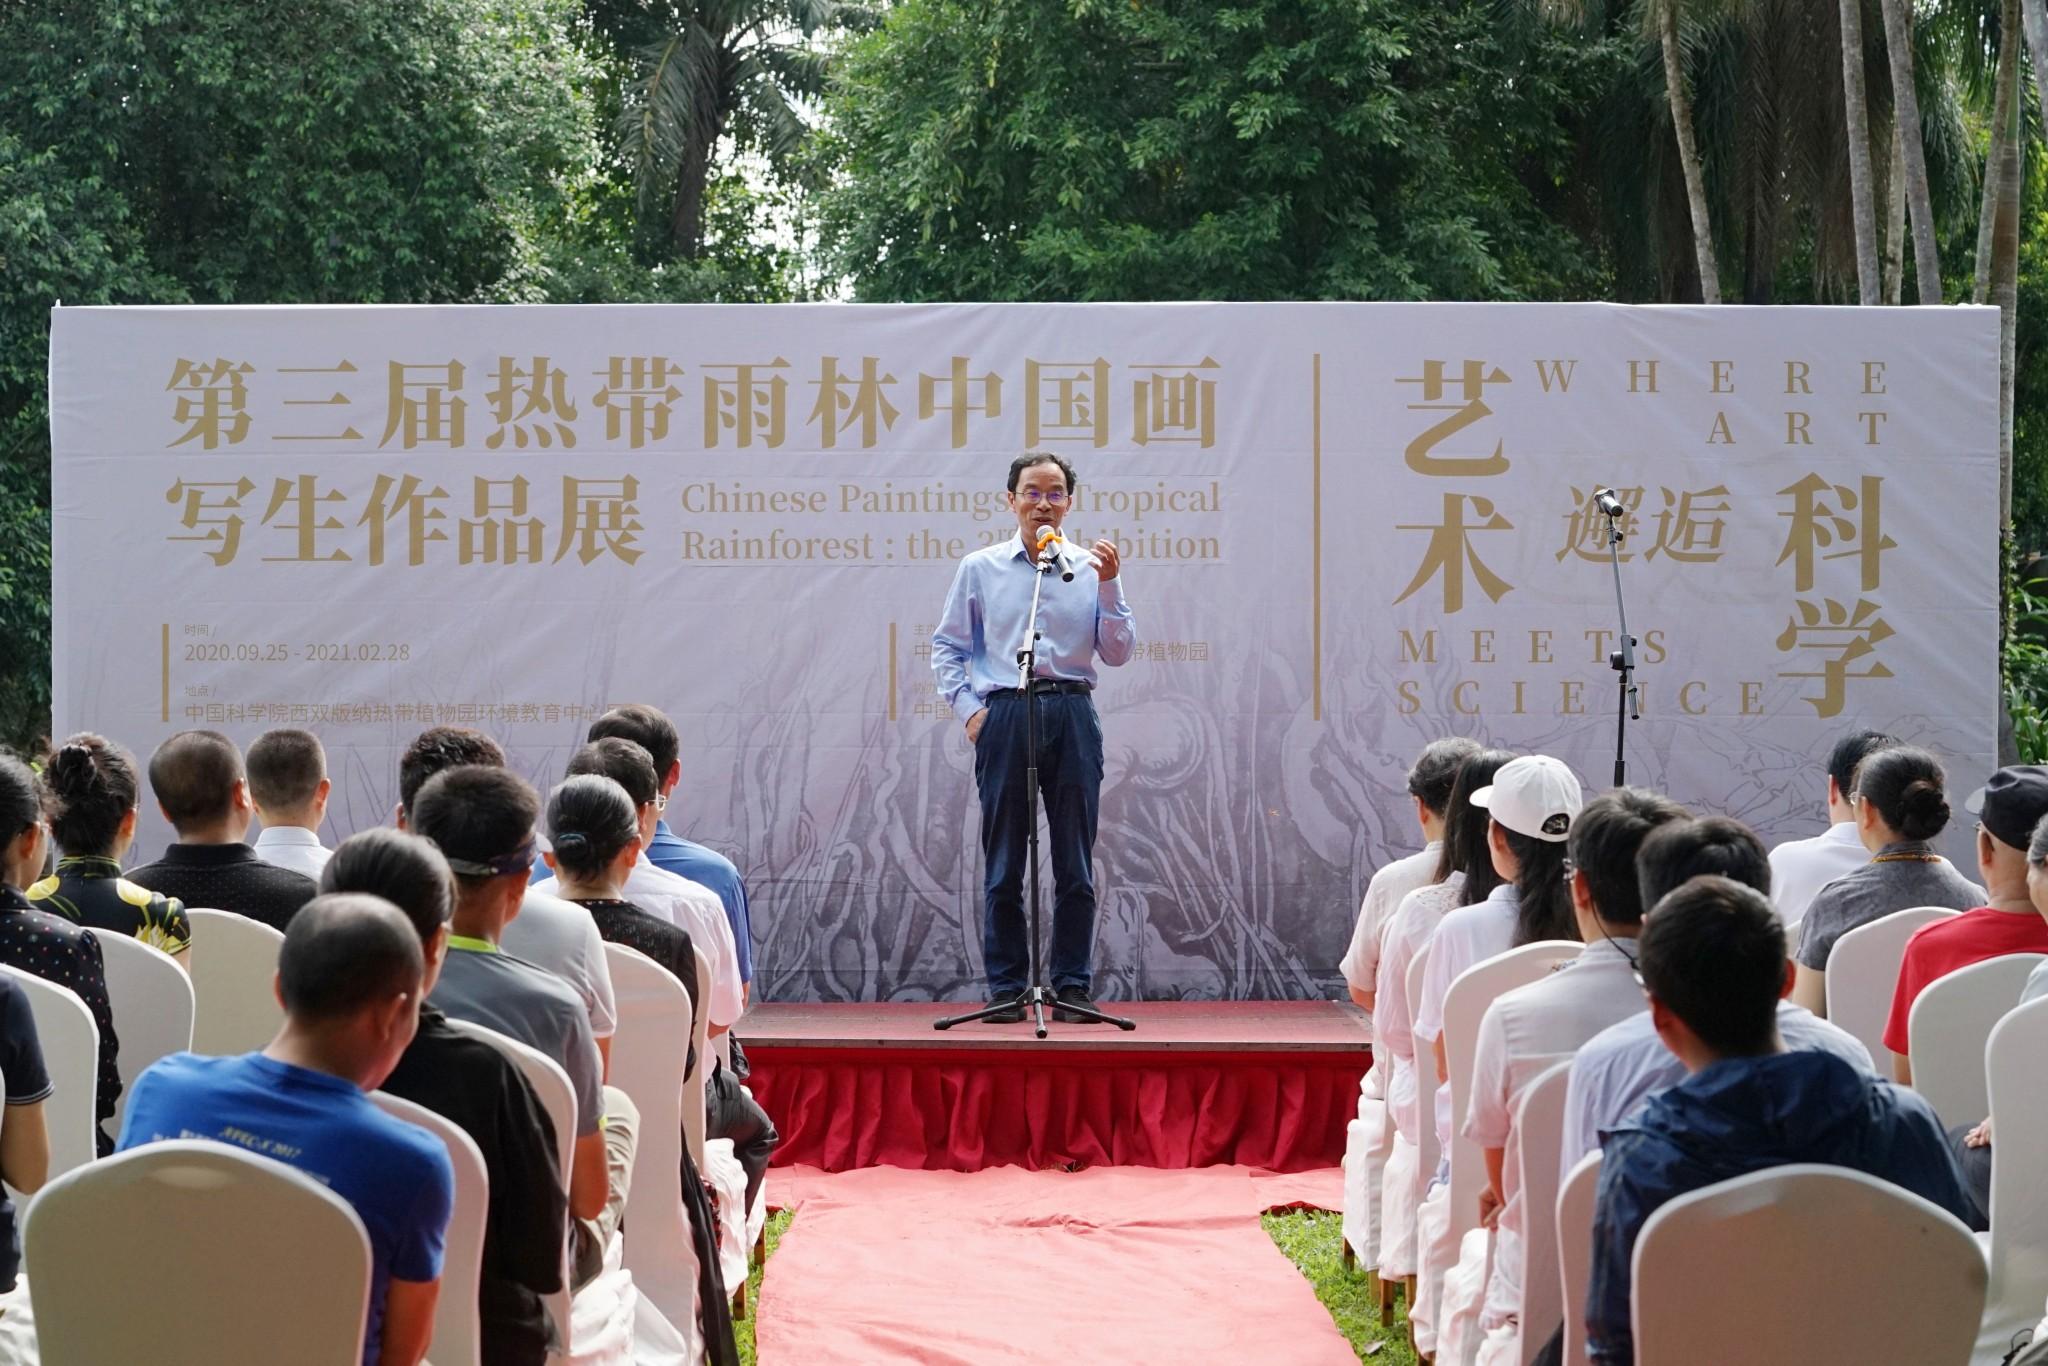 9月25日,第三届艺术邂逅科学——热带雨林中国画写生作品展开幕。版纳植物园党委书记杨永平在开幕式上致辞。(摄影/玉最东)